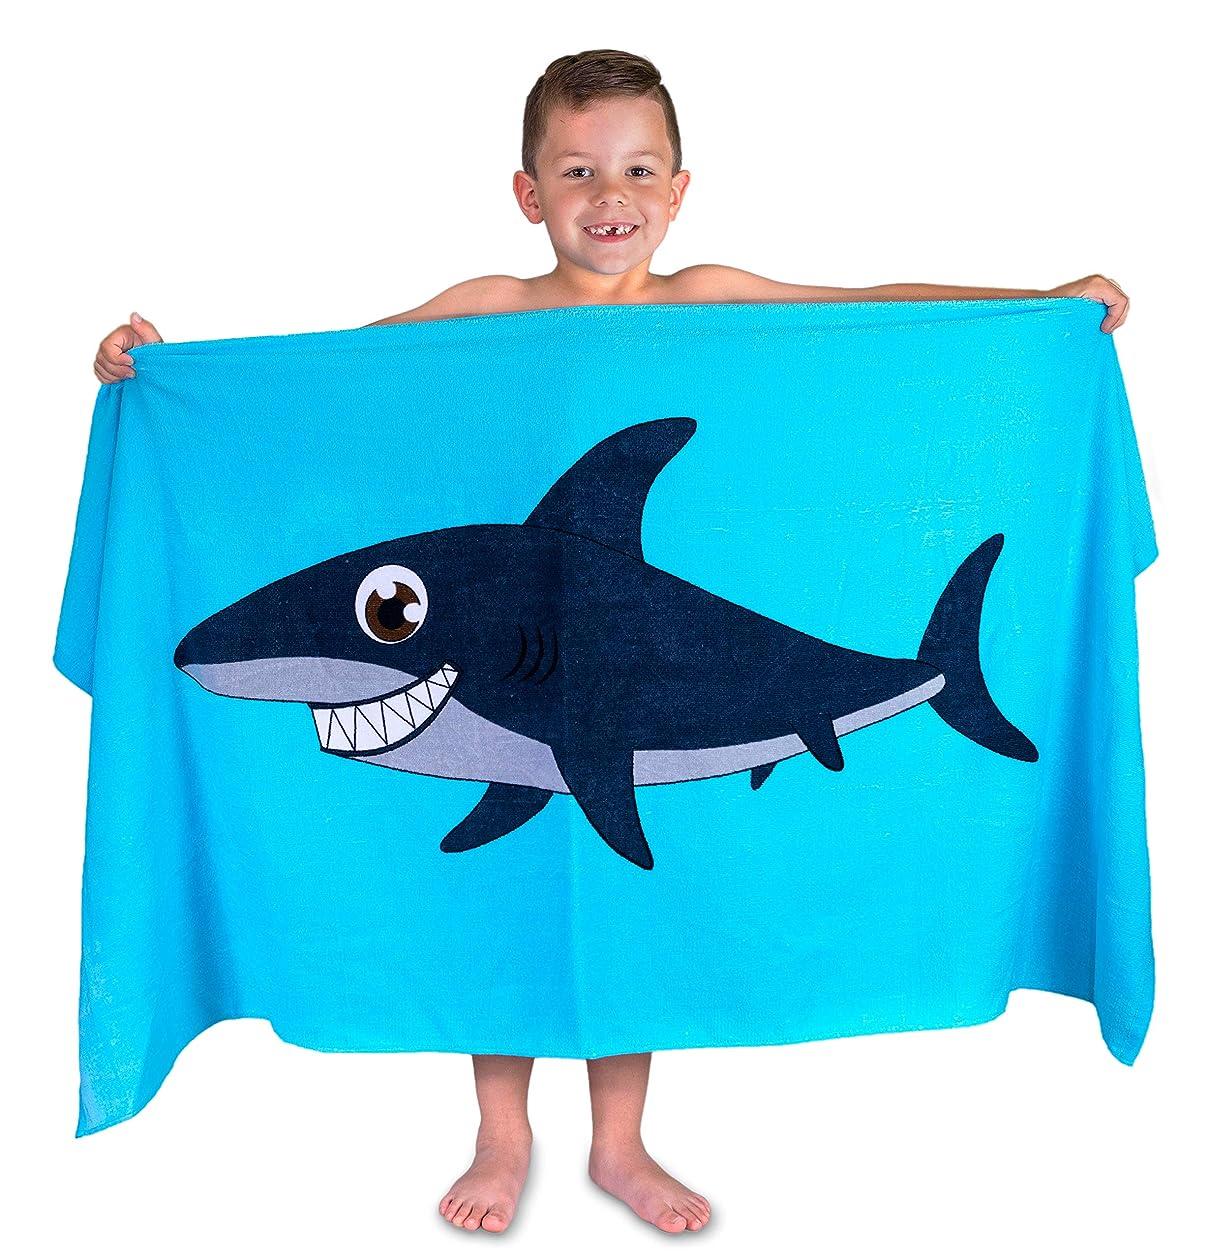 企業操作好きHudz Kidz サメの子供用水泳タオル - サメのグラフィック吸収性ビーチタオル - 子供用サメのタオル 水泳用 - コットン100% 速乾 子供用タオル - 28インチ x 55インチ